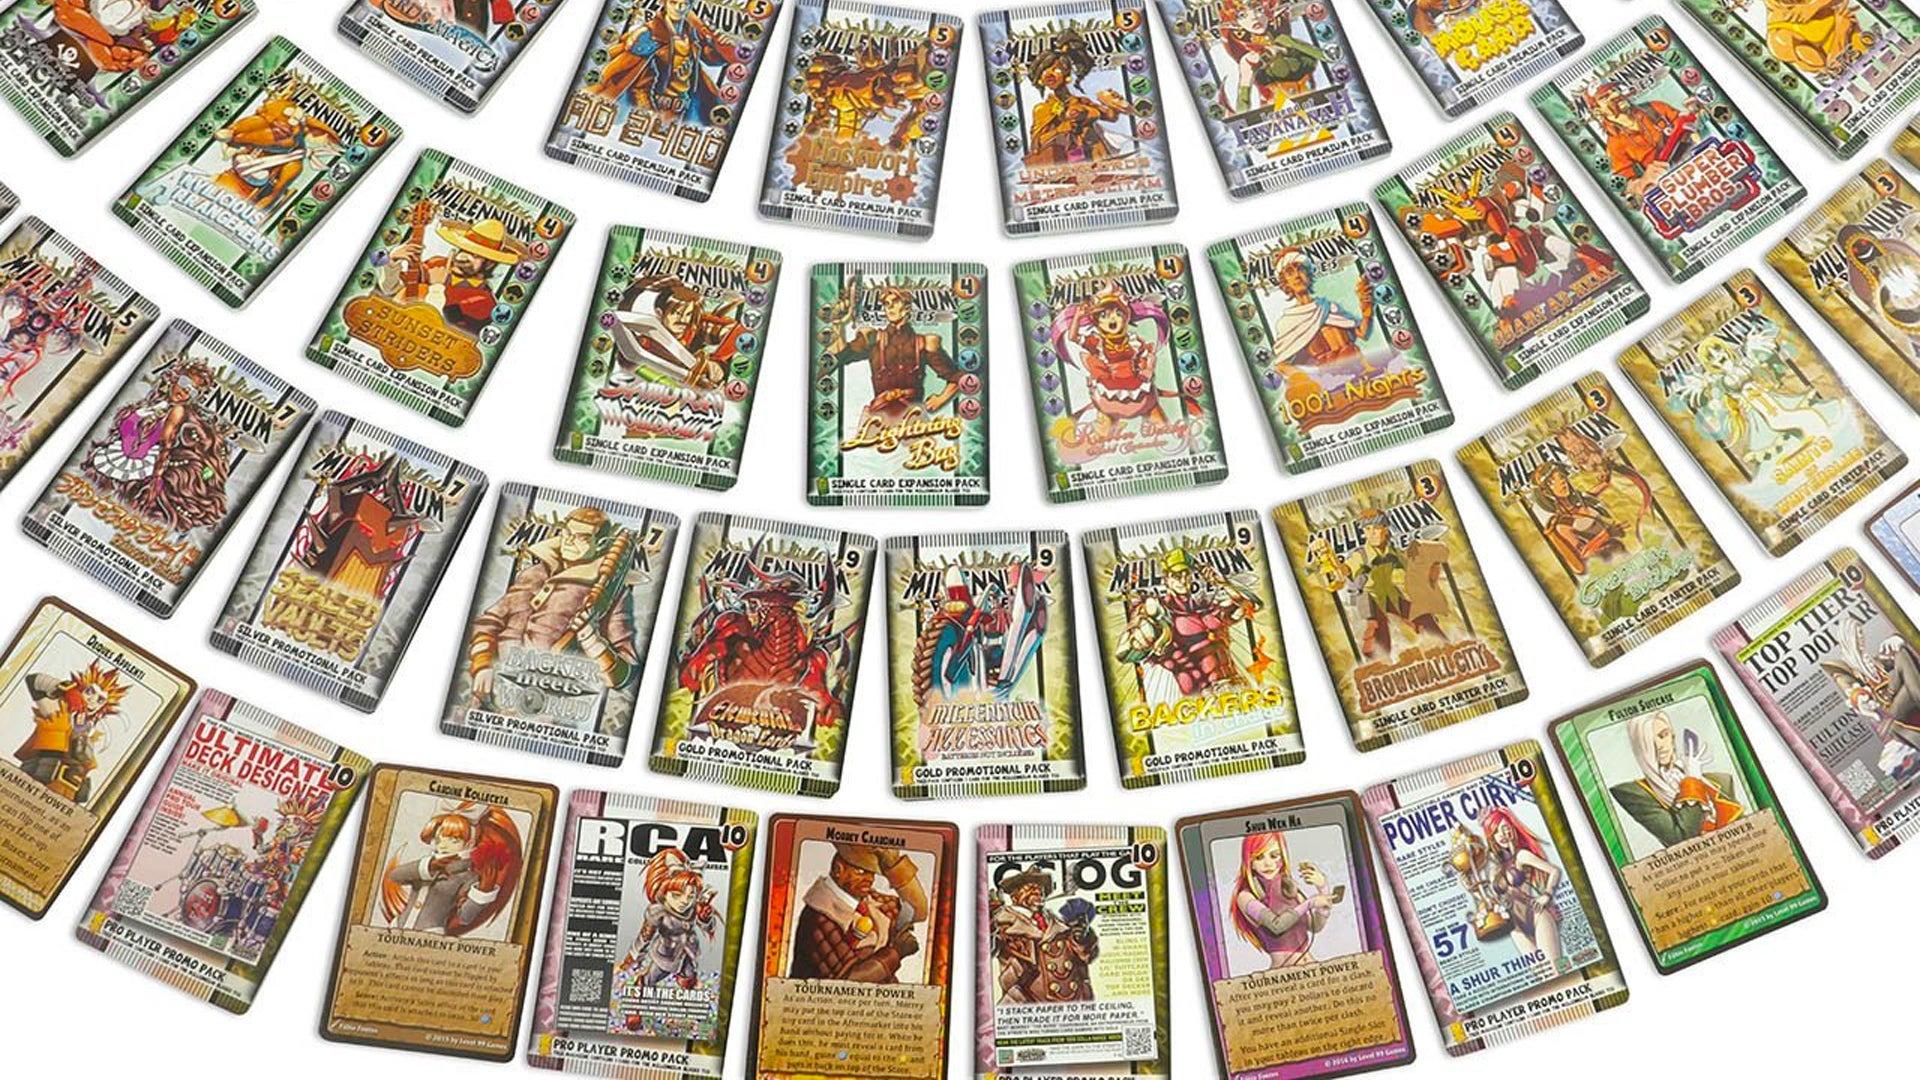 millennium-blades-board-game-cards.jpg